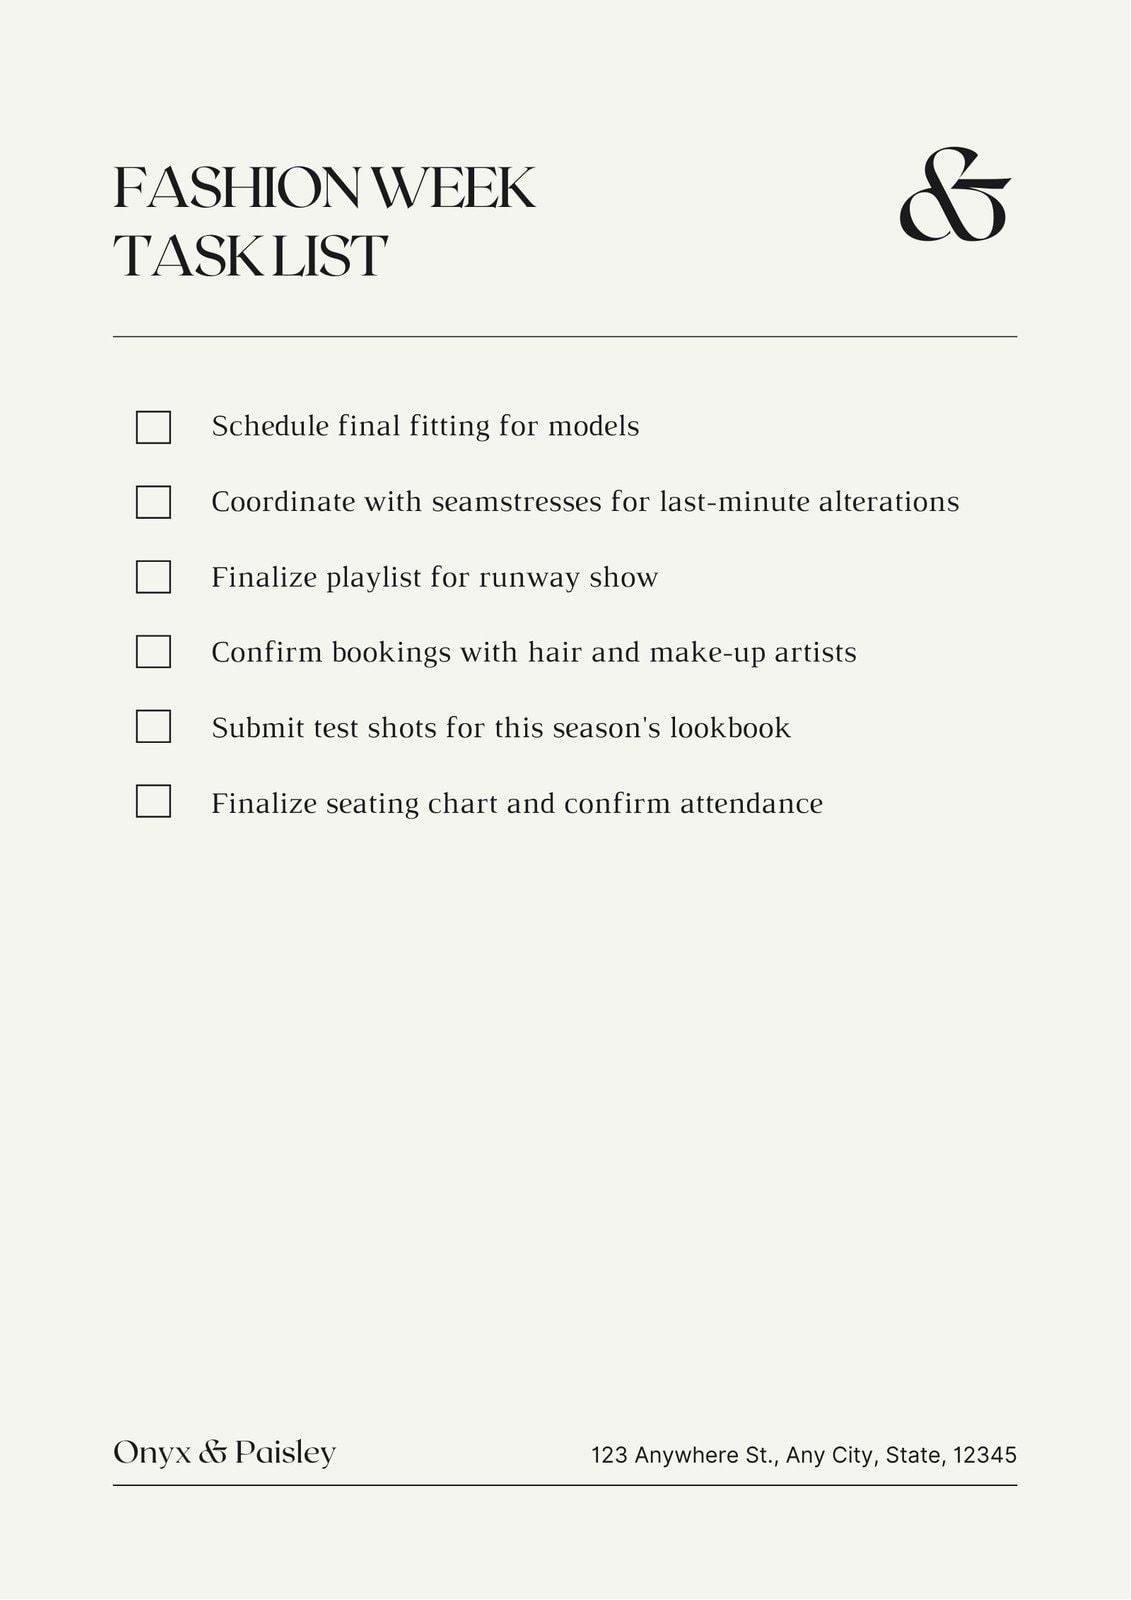 Beige and Black Minimalist Online Fashion Brand Startup Checklist